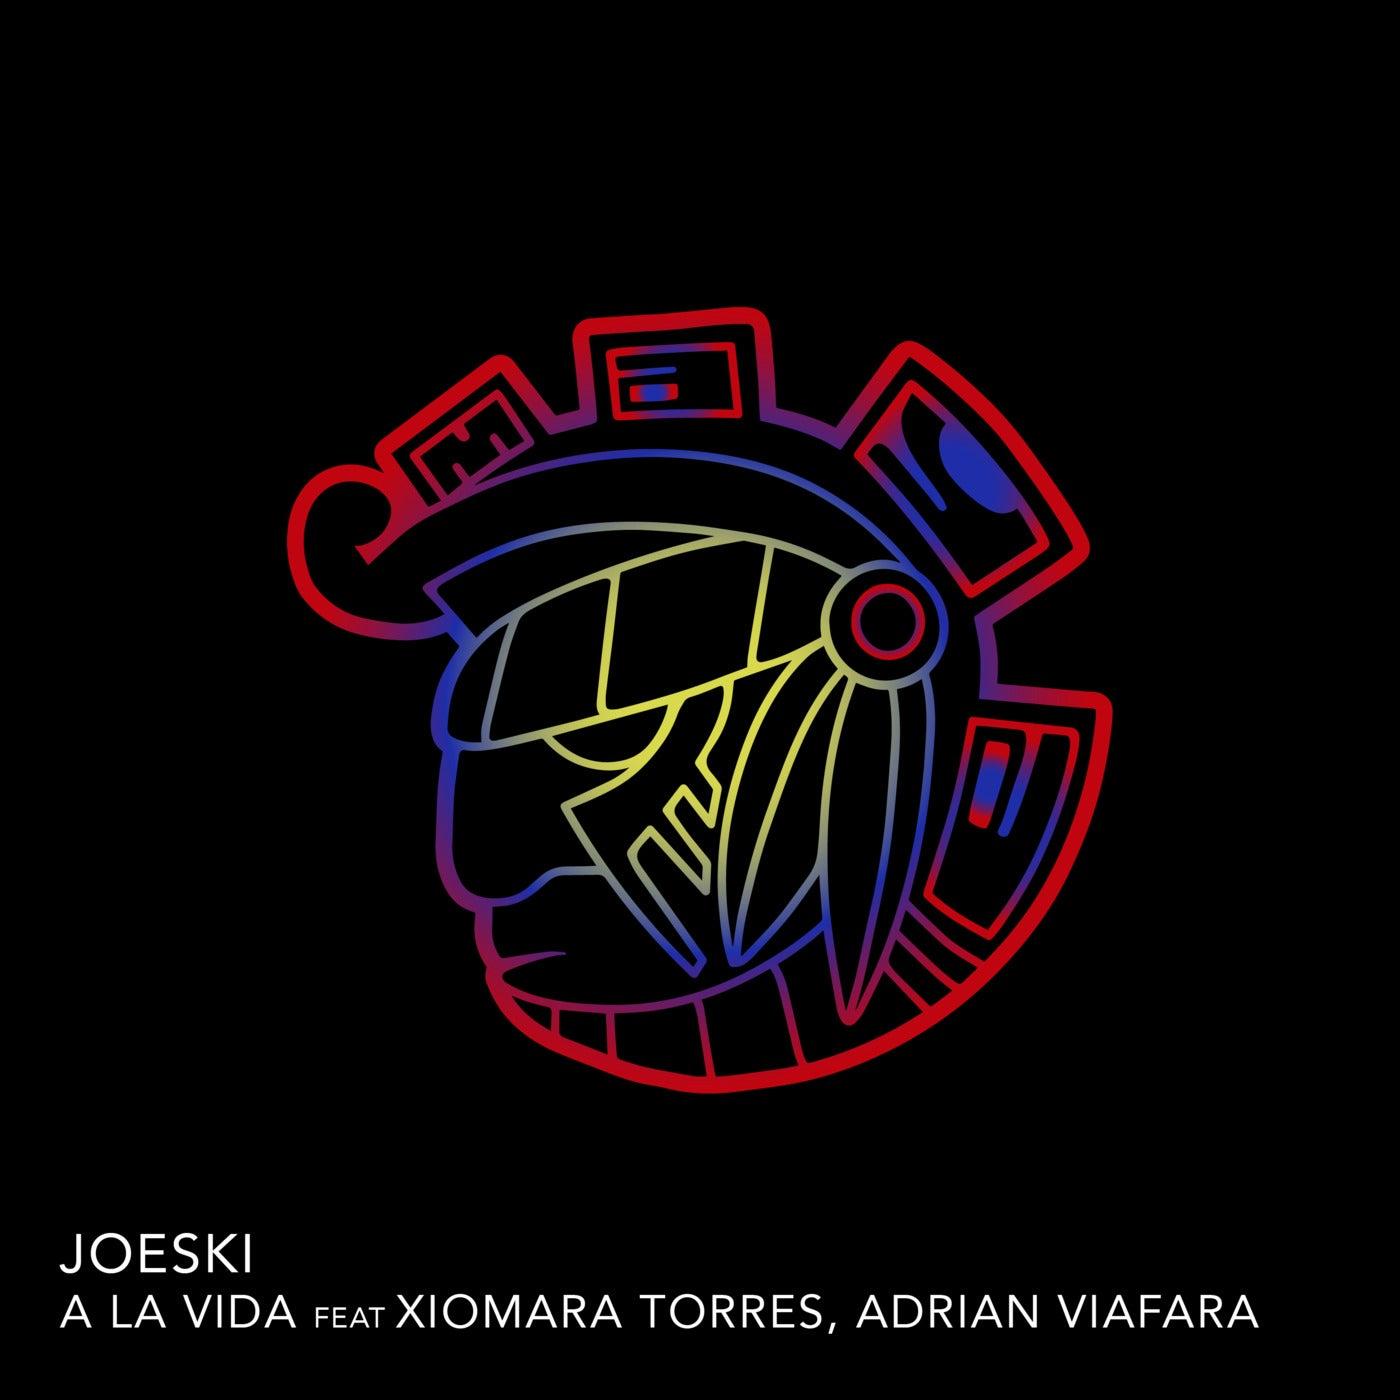 A La Vida Feat Xiomara Torres, Adrian Viafara (Original Mix)